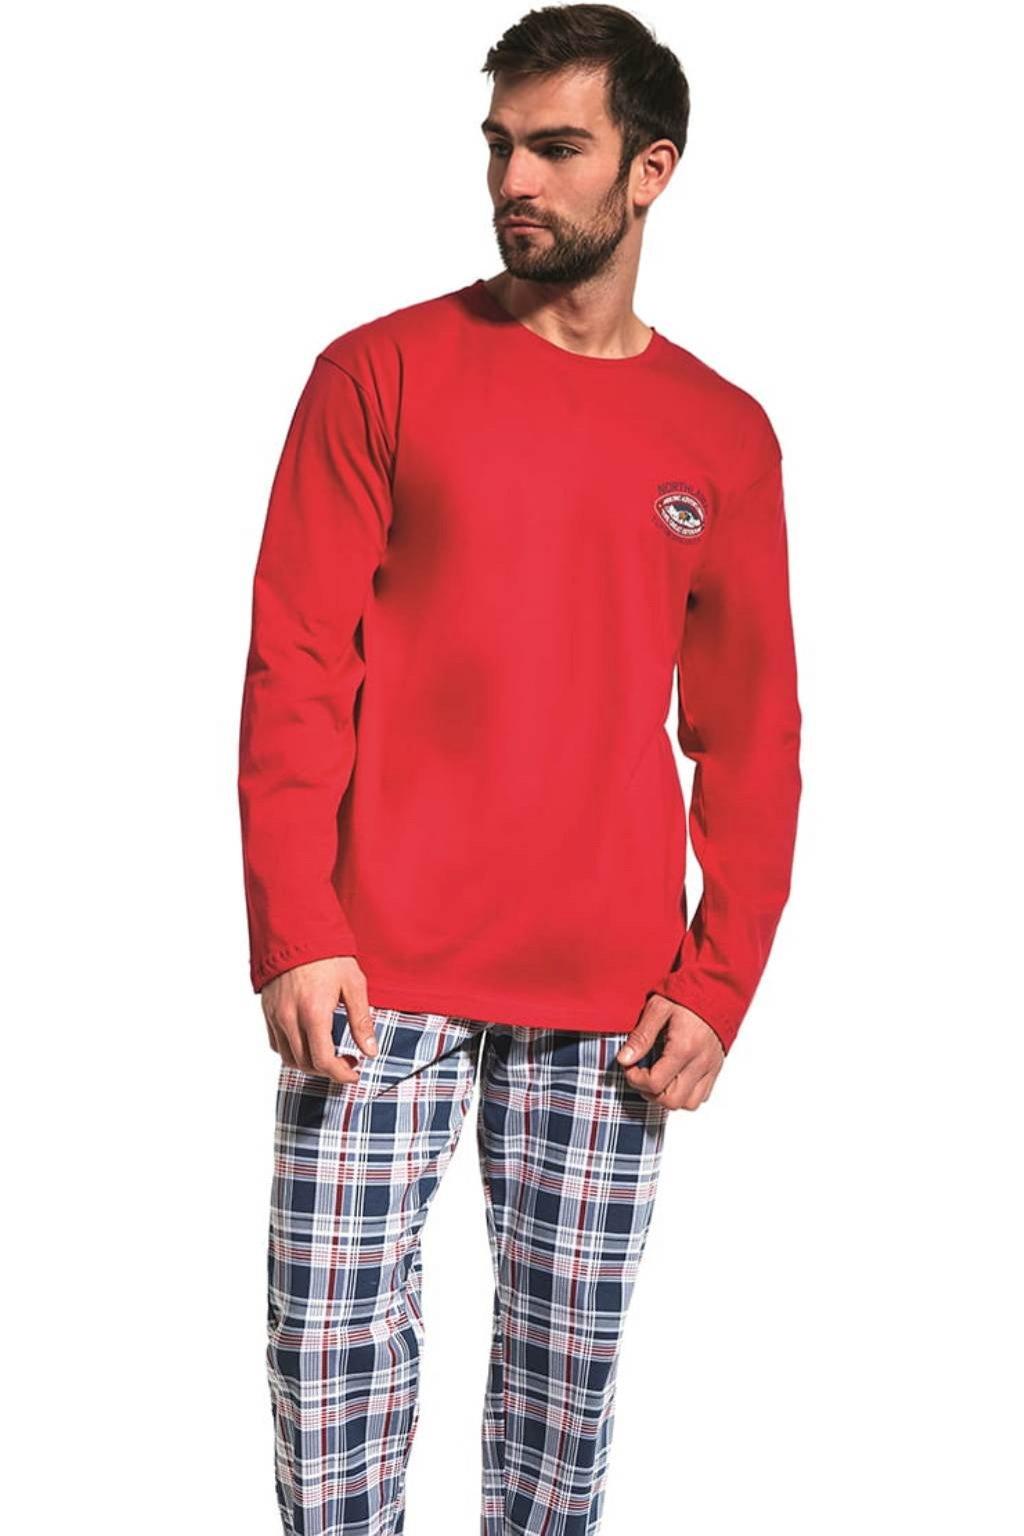 pánské pyžamo s dlouhým rukávem Cornette 124/165 Yukon 2